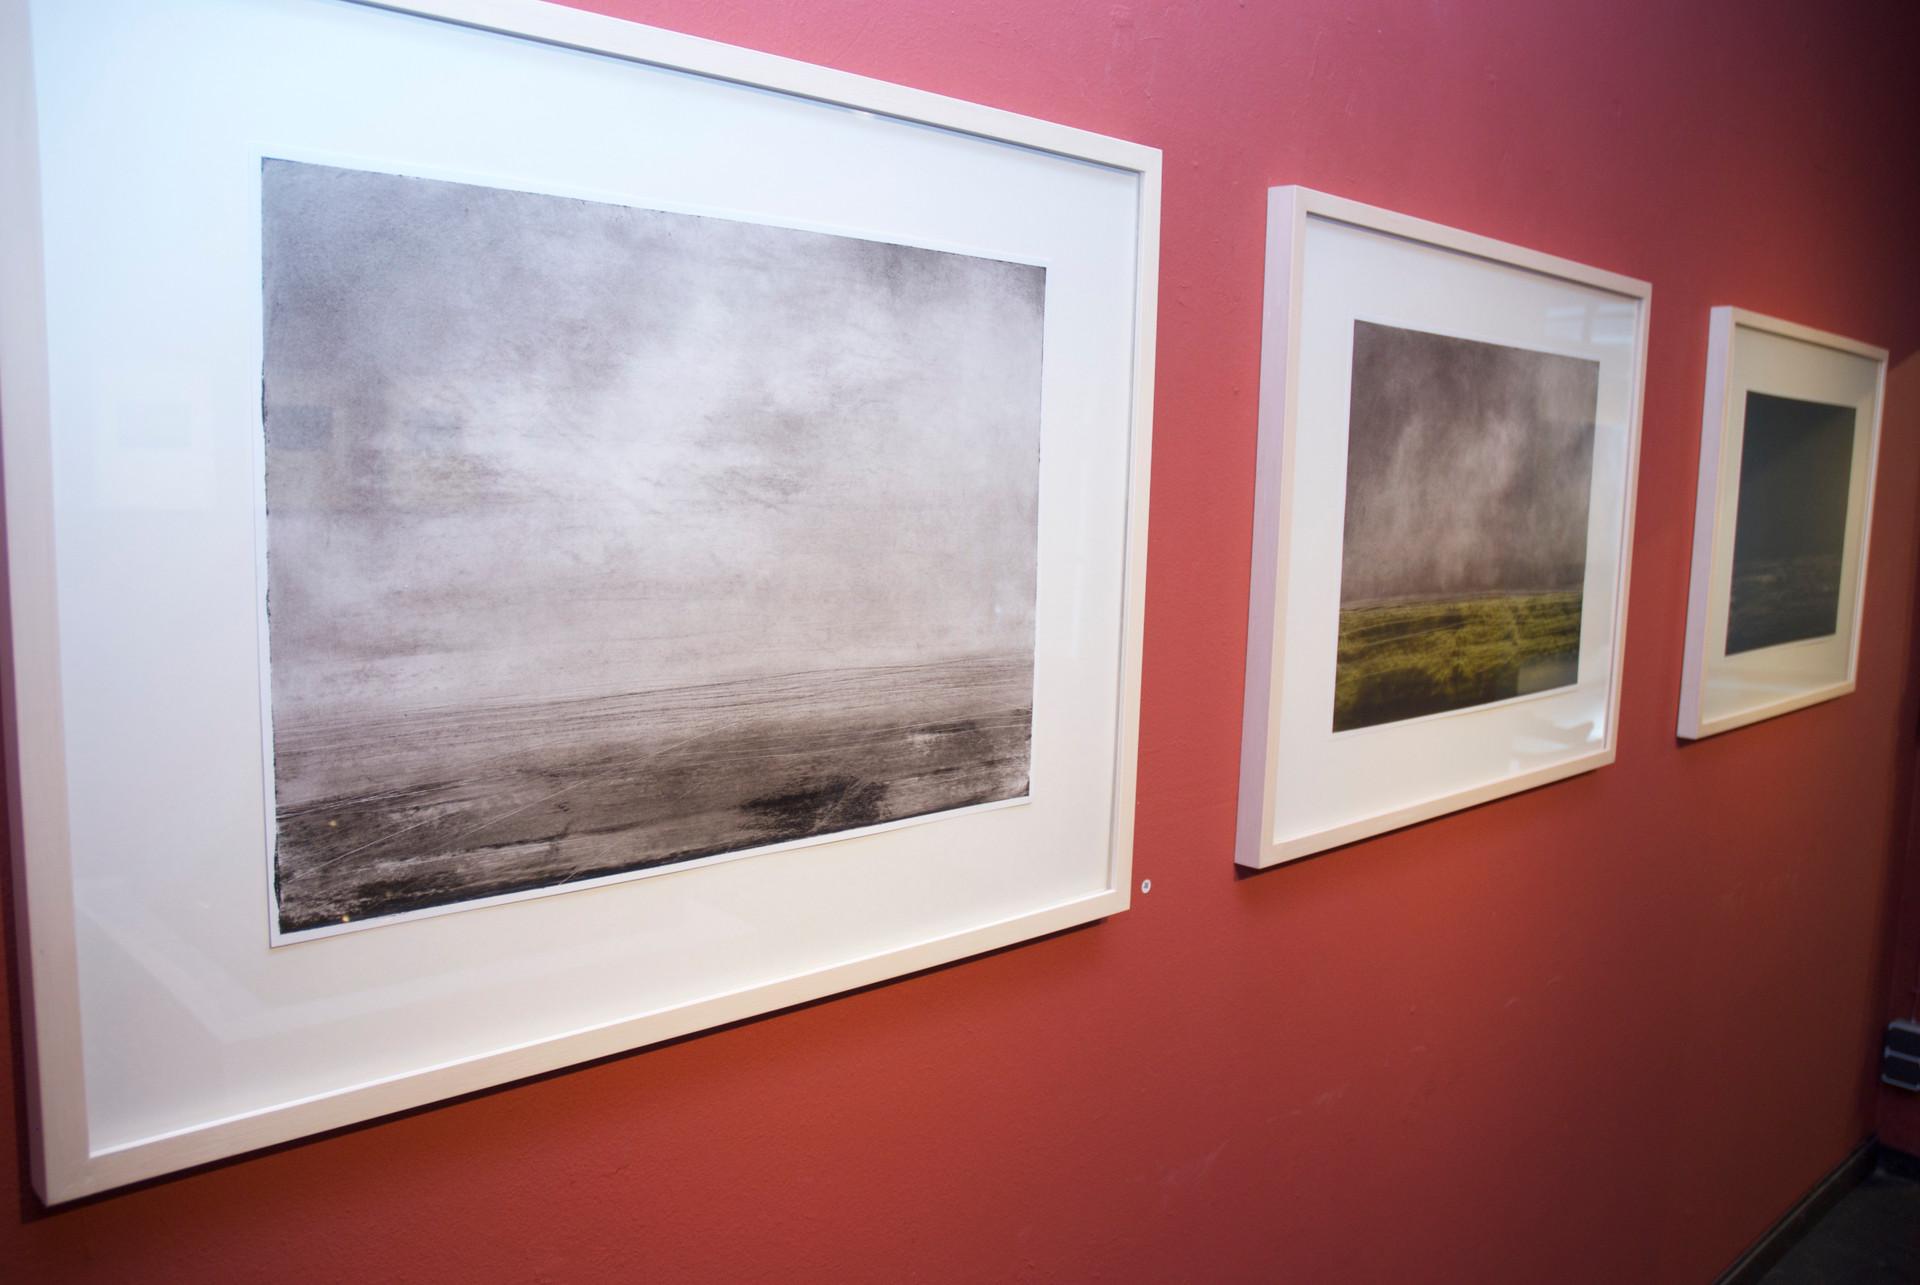 kunstverein artlantis, bad homburg, 3 bilder, ohne titel, öl auf papier, 59,5 x 42 cm